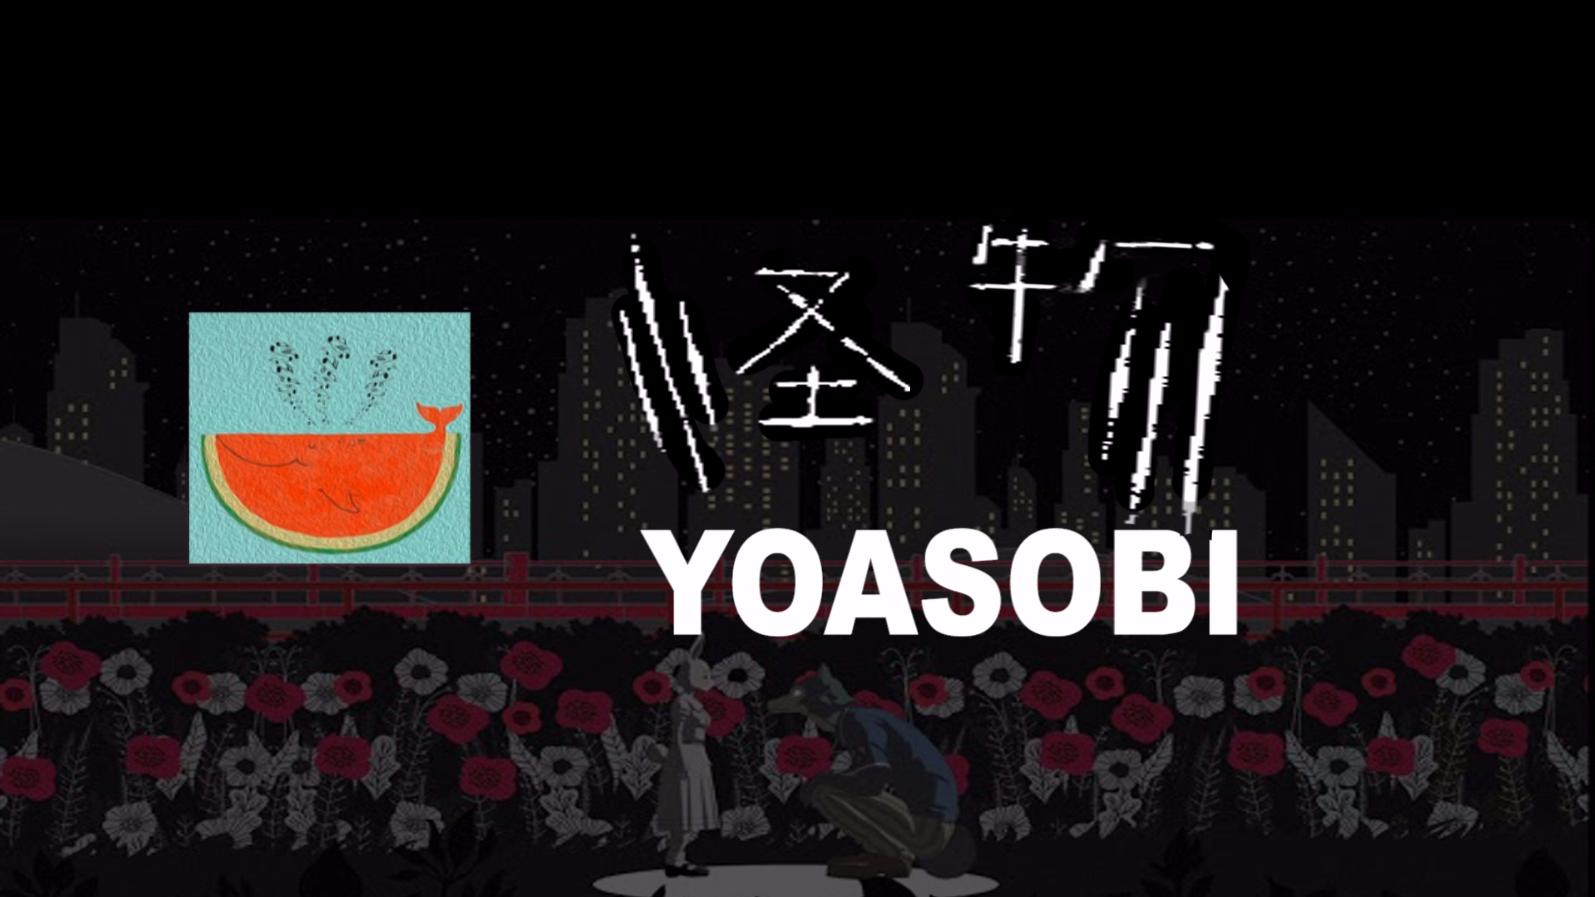 【钢琴谱】怪物/YOASOBI/幾田りら/piano/谱